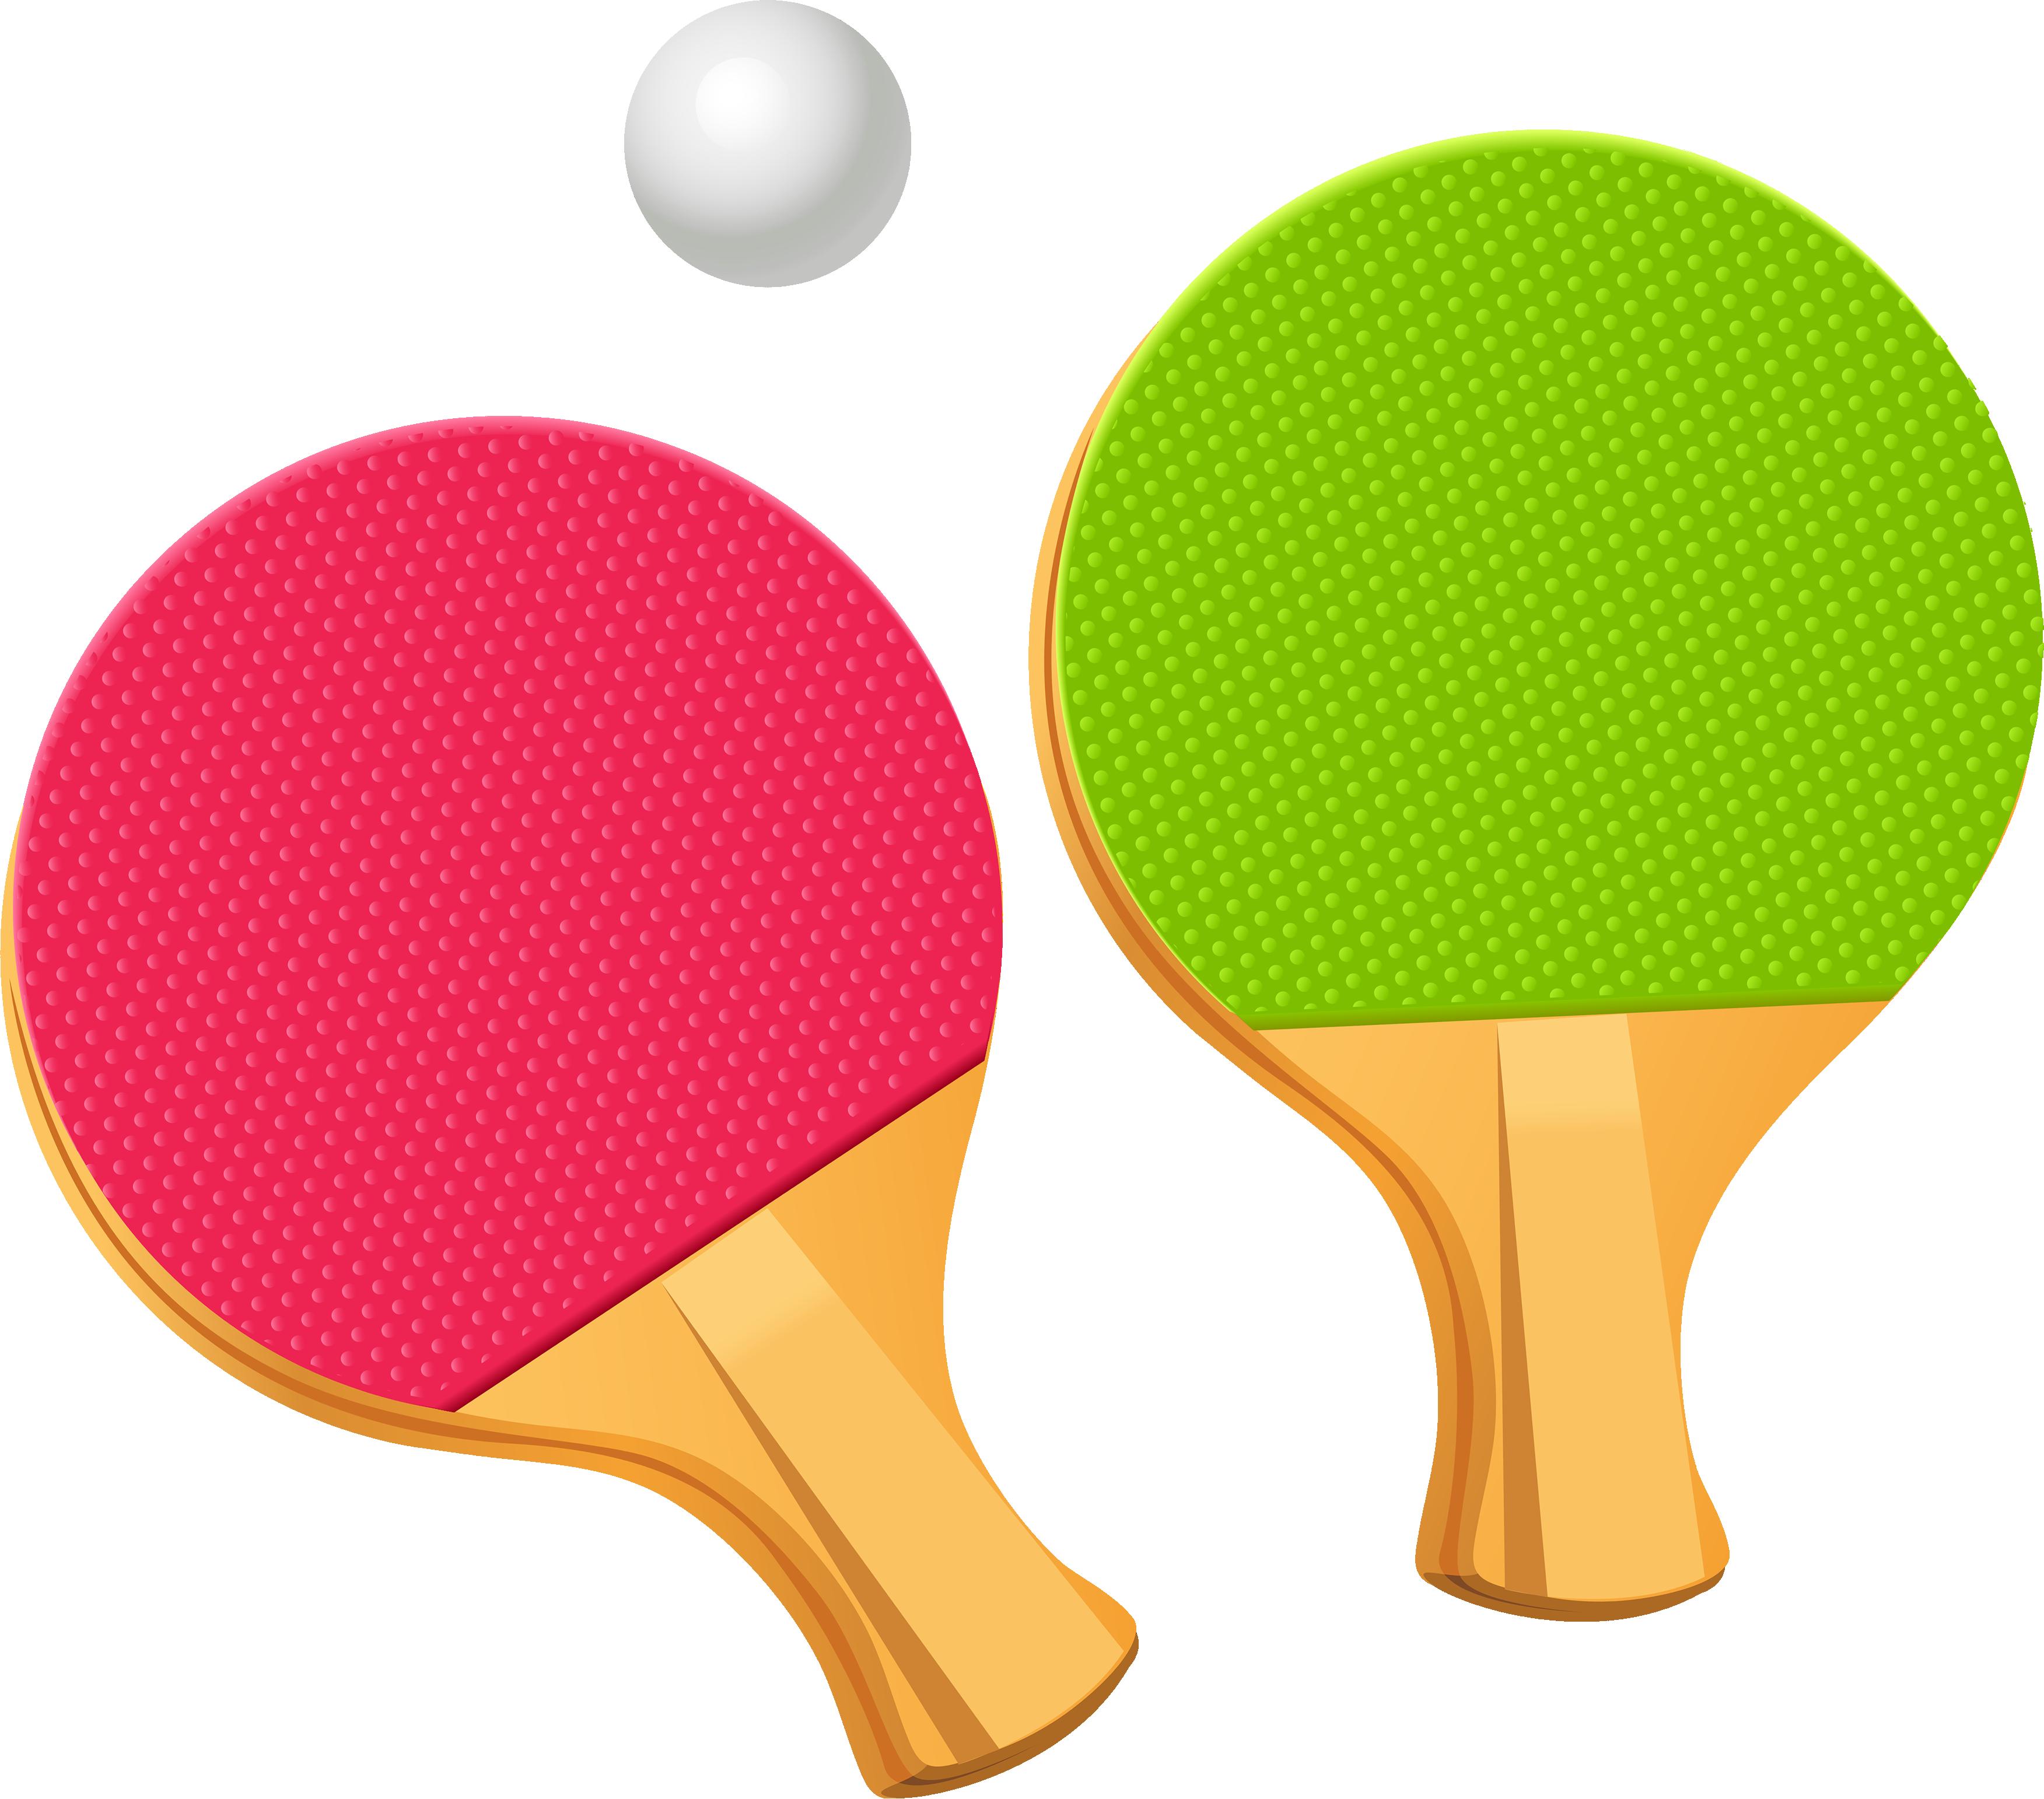 Ping Pong Png Image Ping Pong Table Tennis Ping Pong Paddles